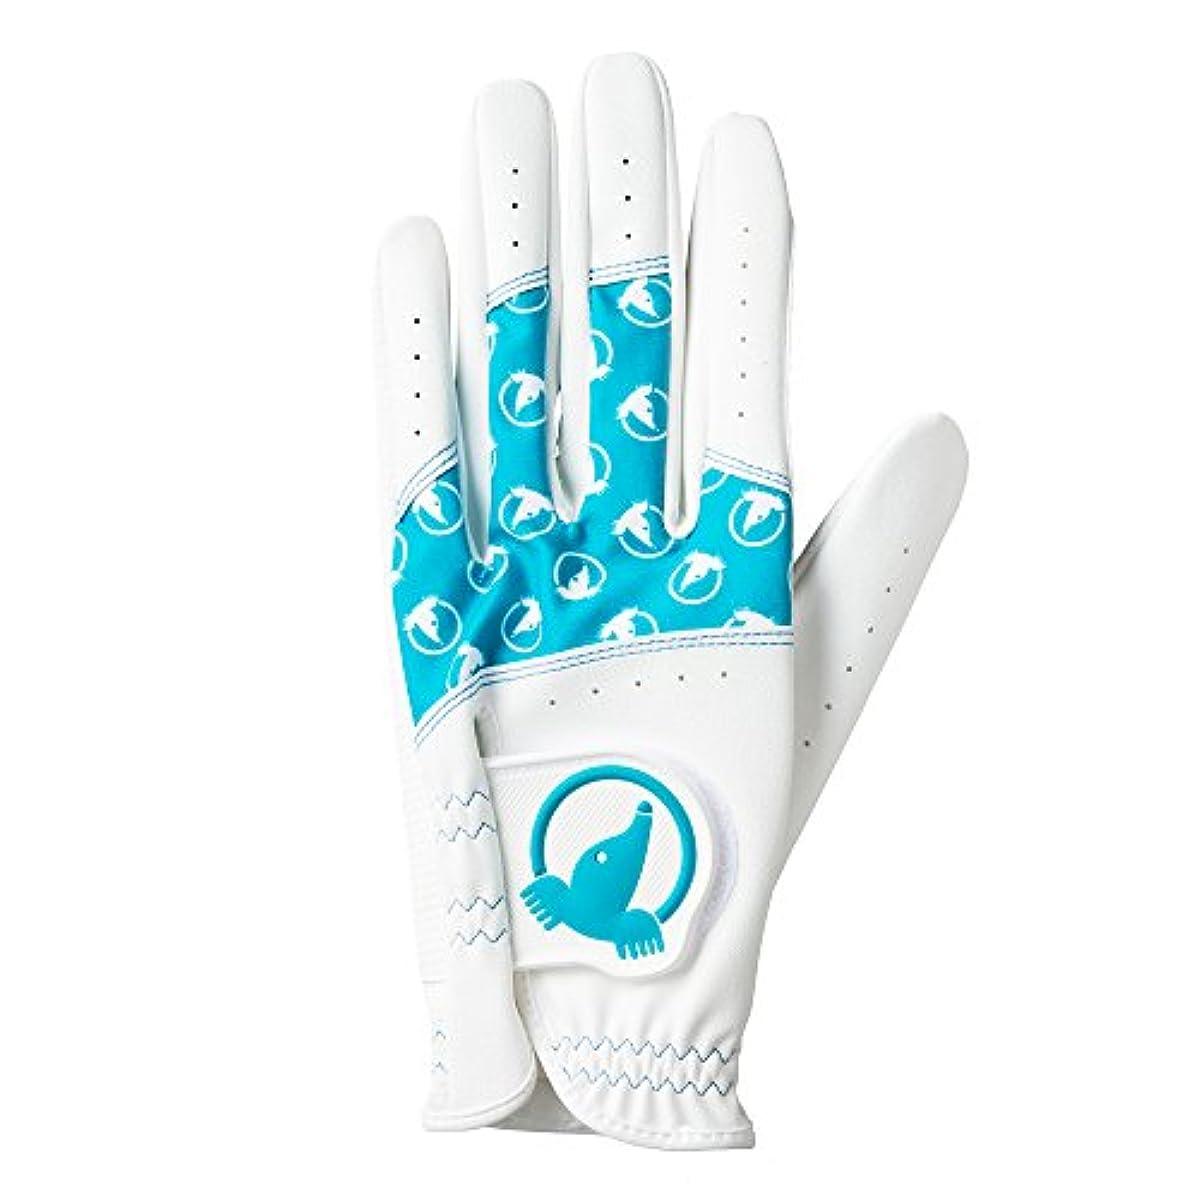 [해외] 혼마 골프 골프 글러브 HONMA 레이디스 글러브 왼손용 화이트/터쿼이즈(Turquoise)부루 20CM 컬러풀 두더지 레이디스 GC-6701 화이트